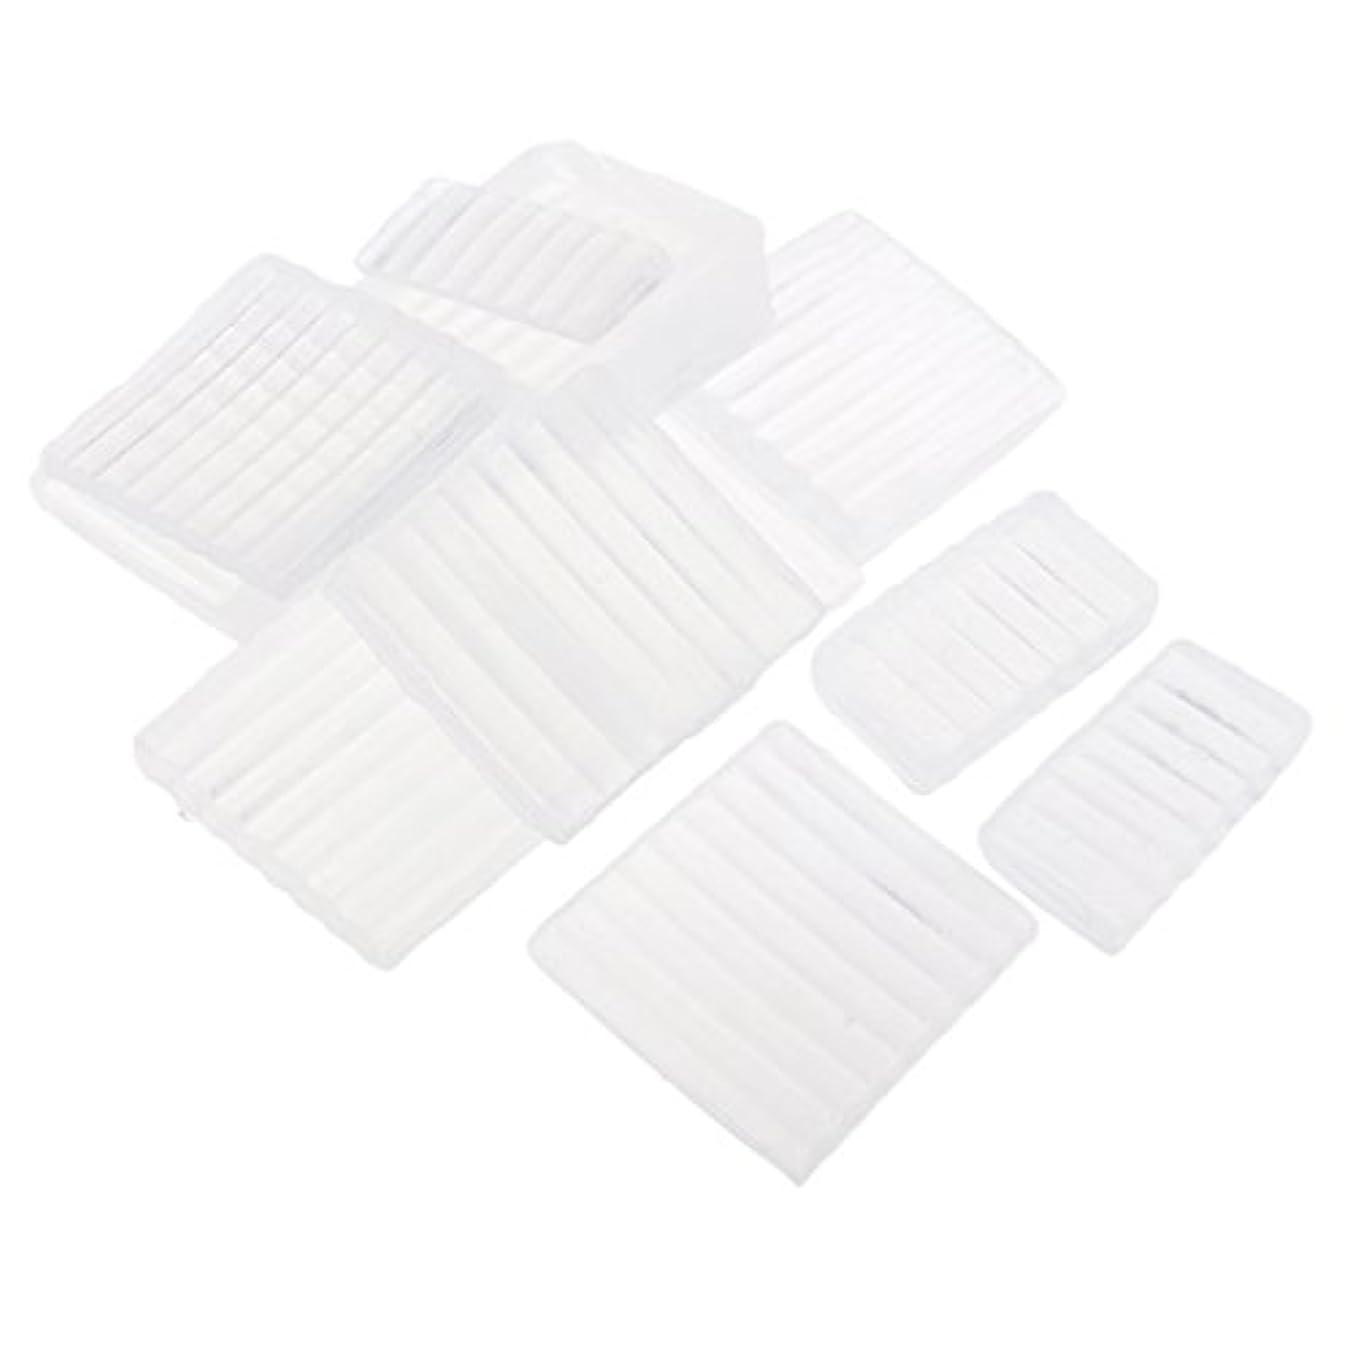 洗練された法廷アルネSharplace 透明 石鹸ベース せっけん DIY 手作り 石鹸作り 材料 白い石鹸ベース